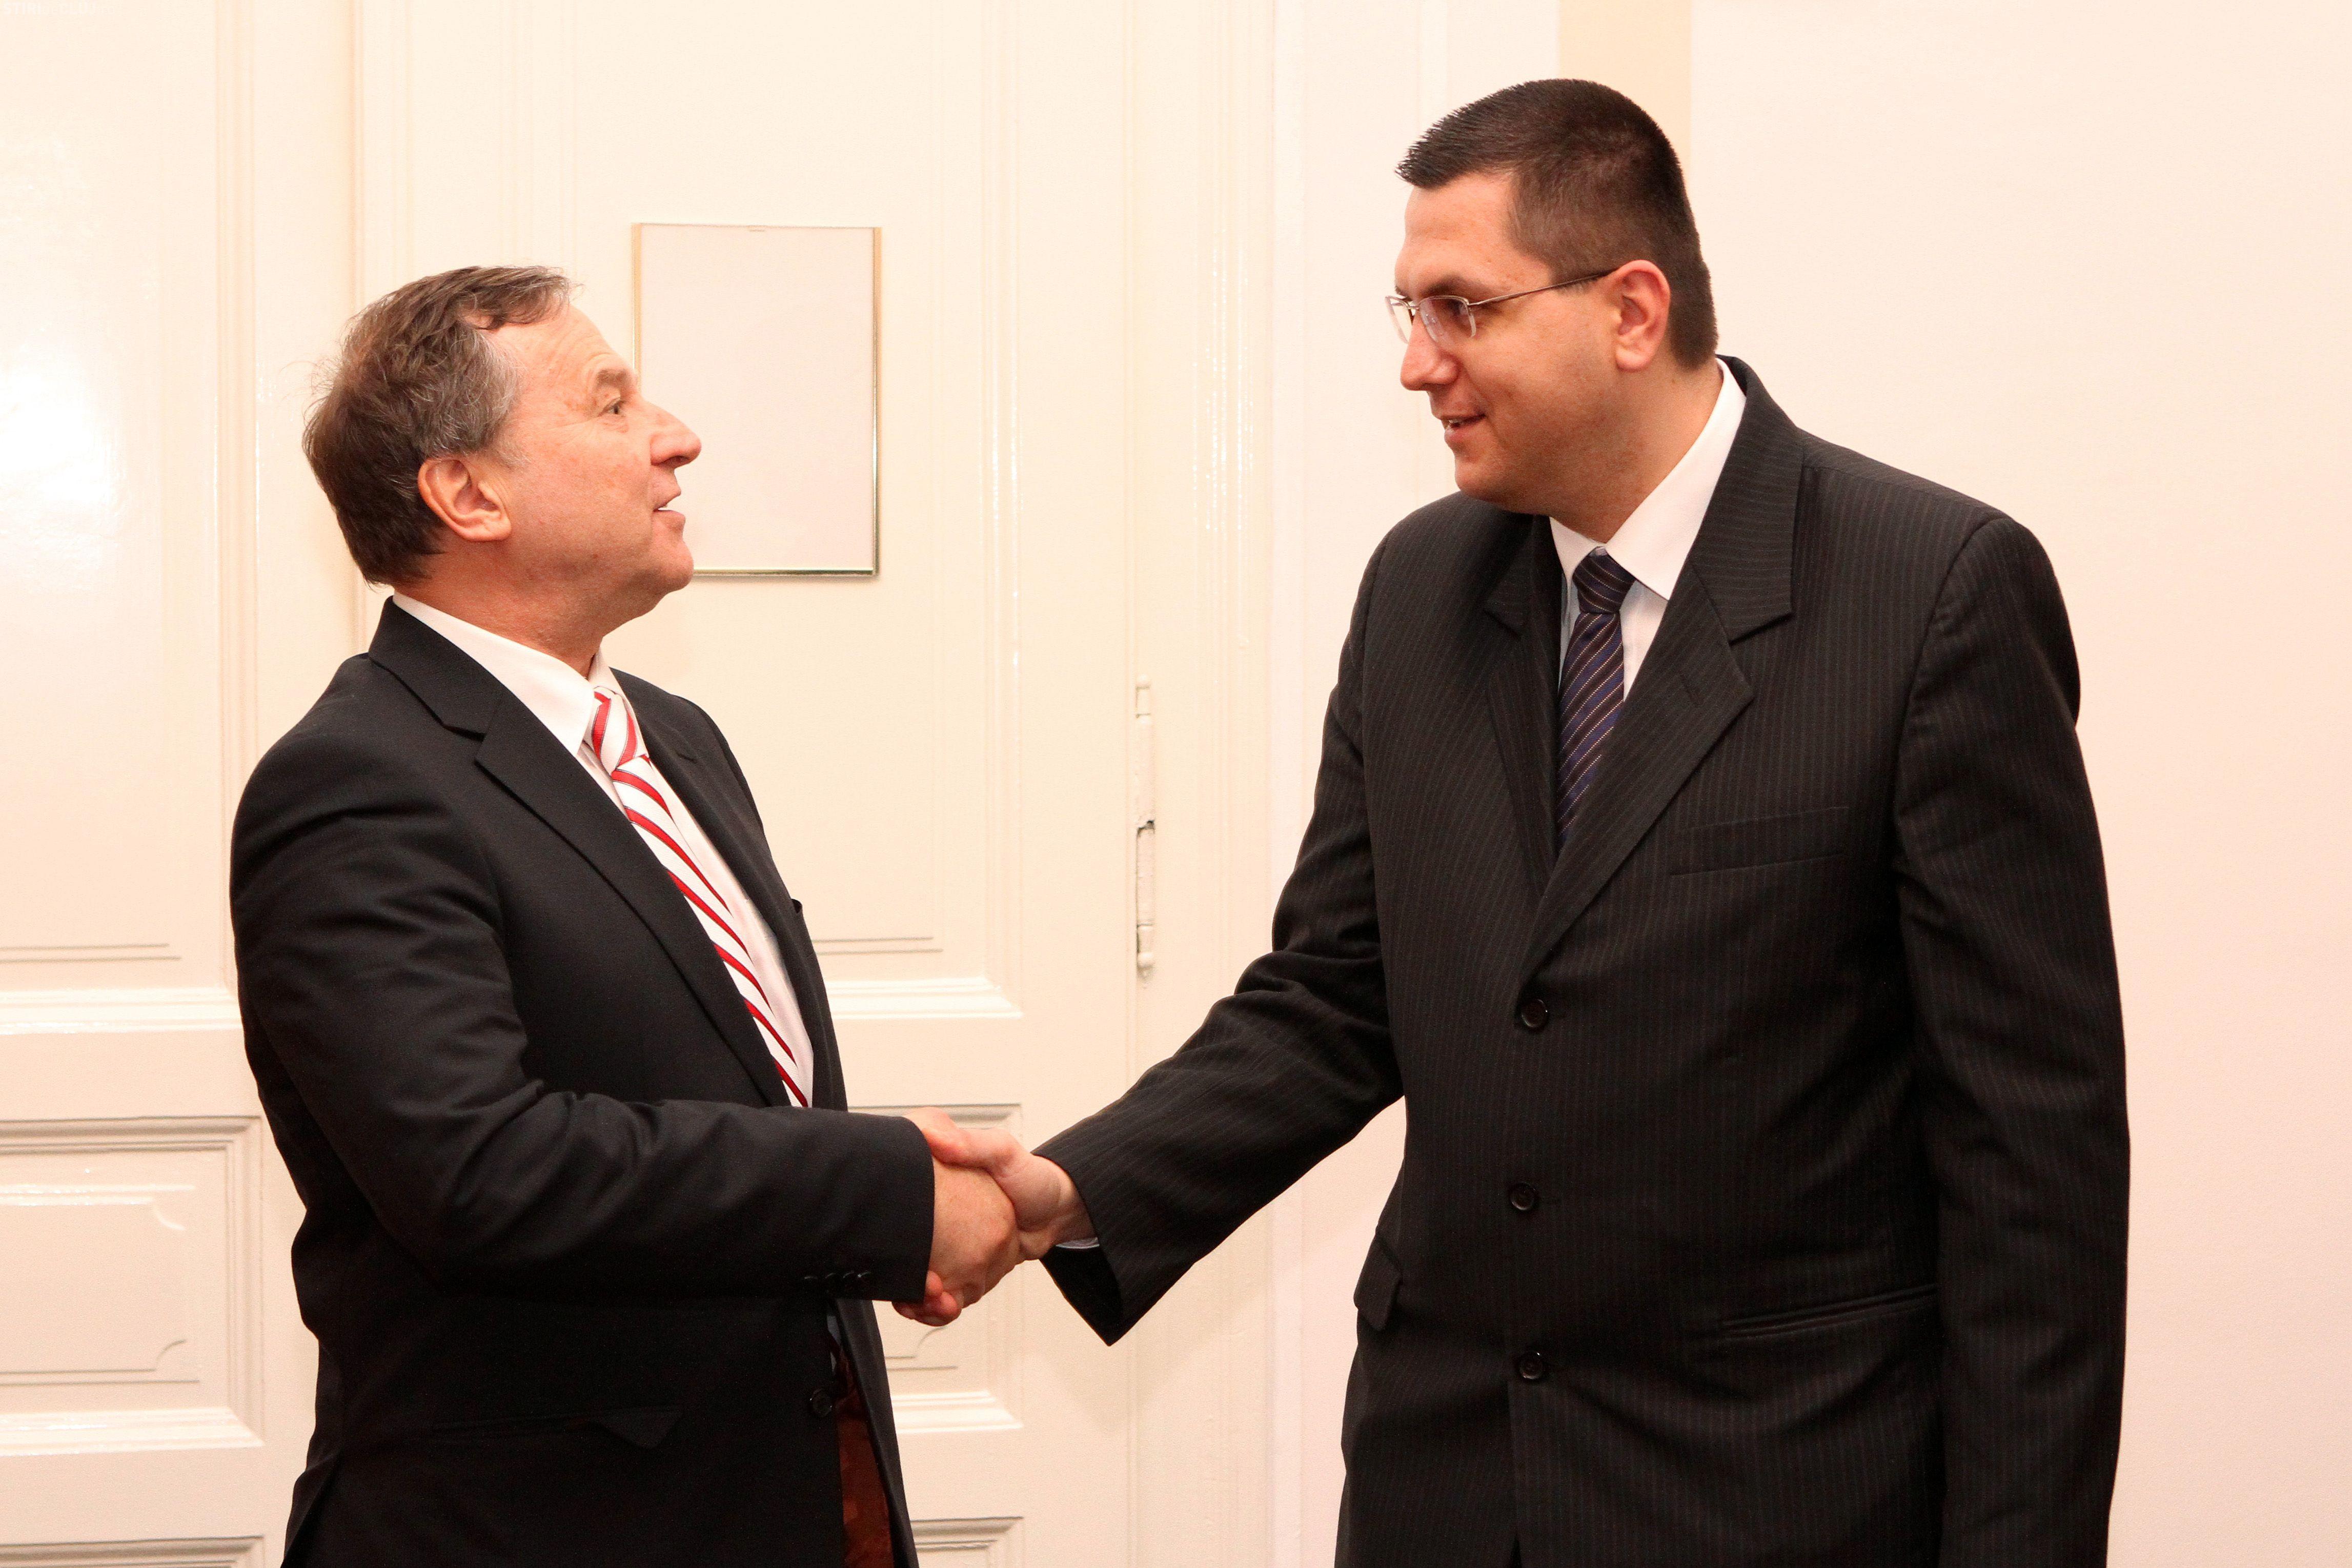 Ambasadorul Austriei in Romania, Michael Schwarzinger, impresionat de cati turisti romani viziteaza Austria